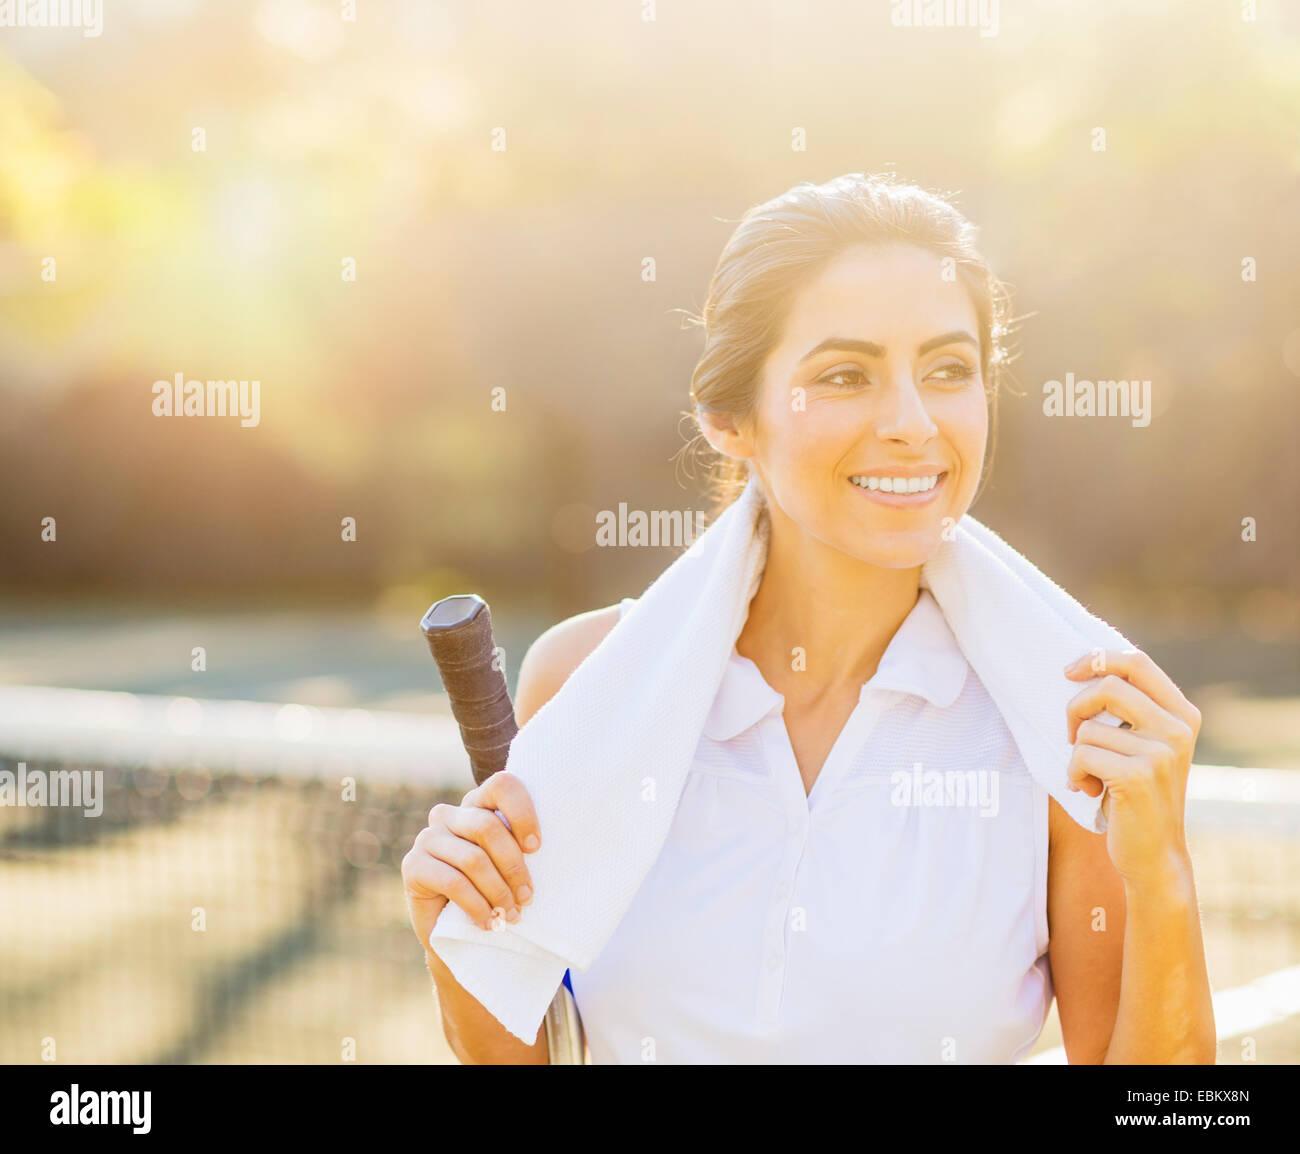 Retrato de mujer sonriente con toalla y raqueta de tenis Imagen De Stock